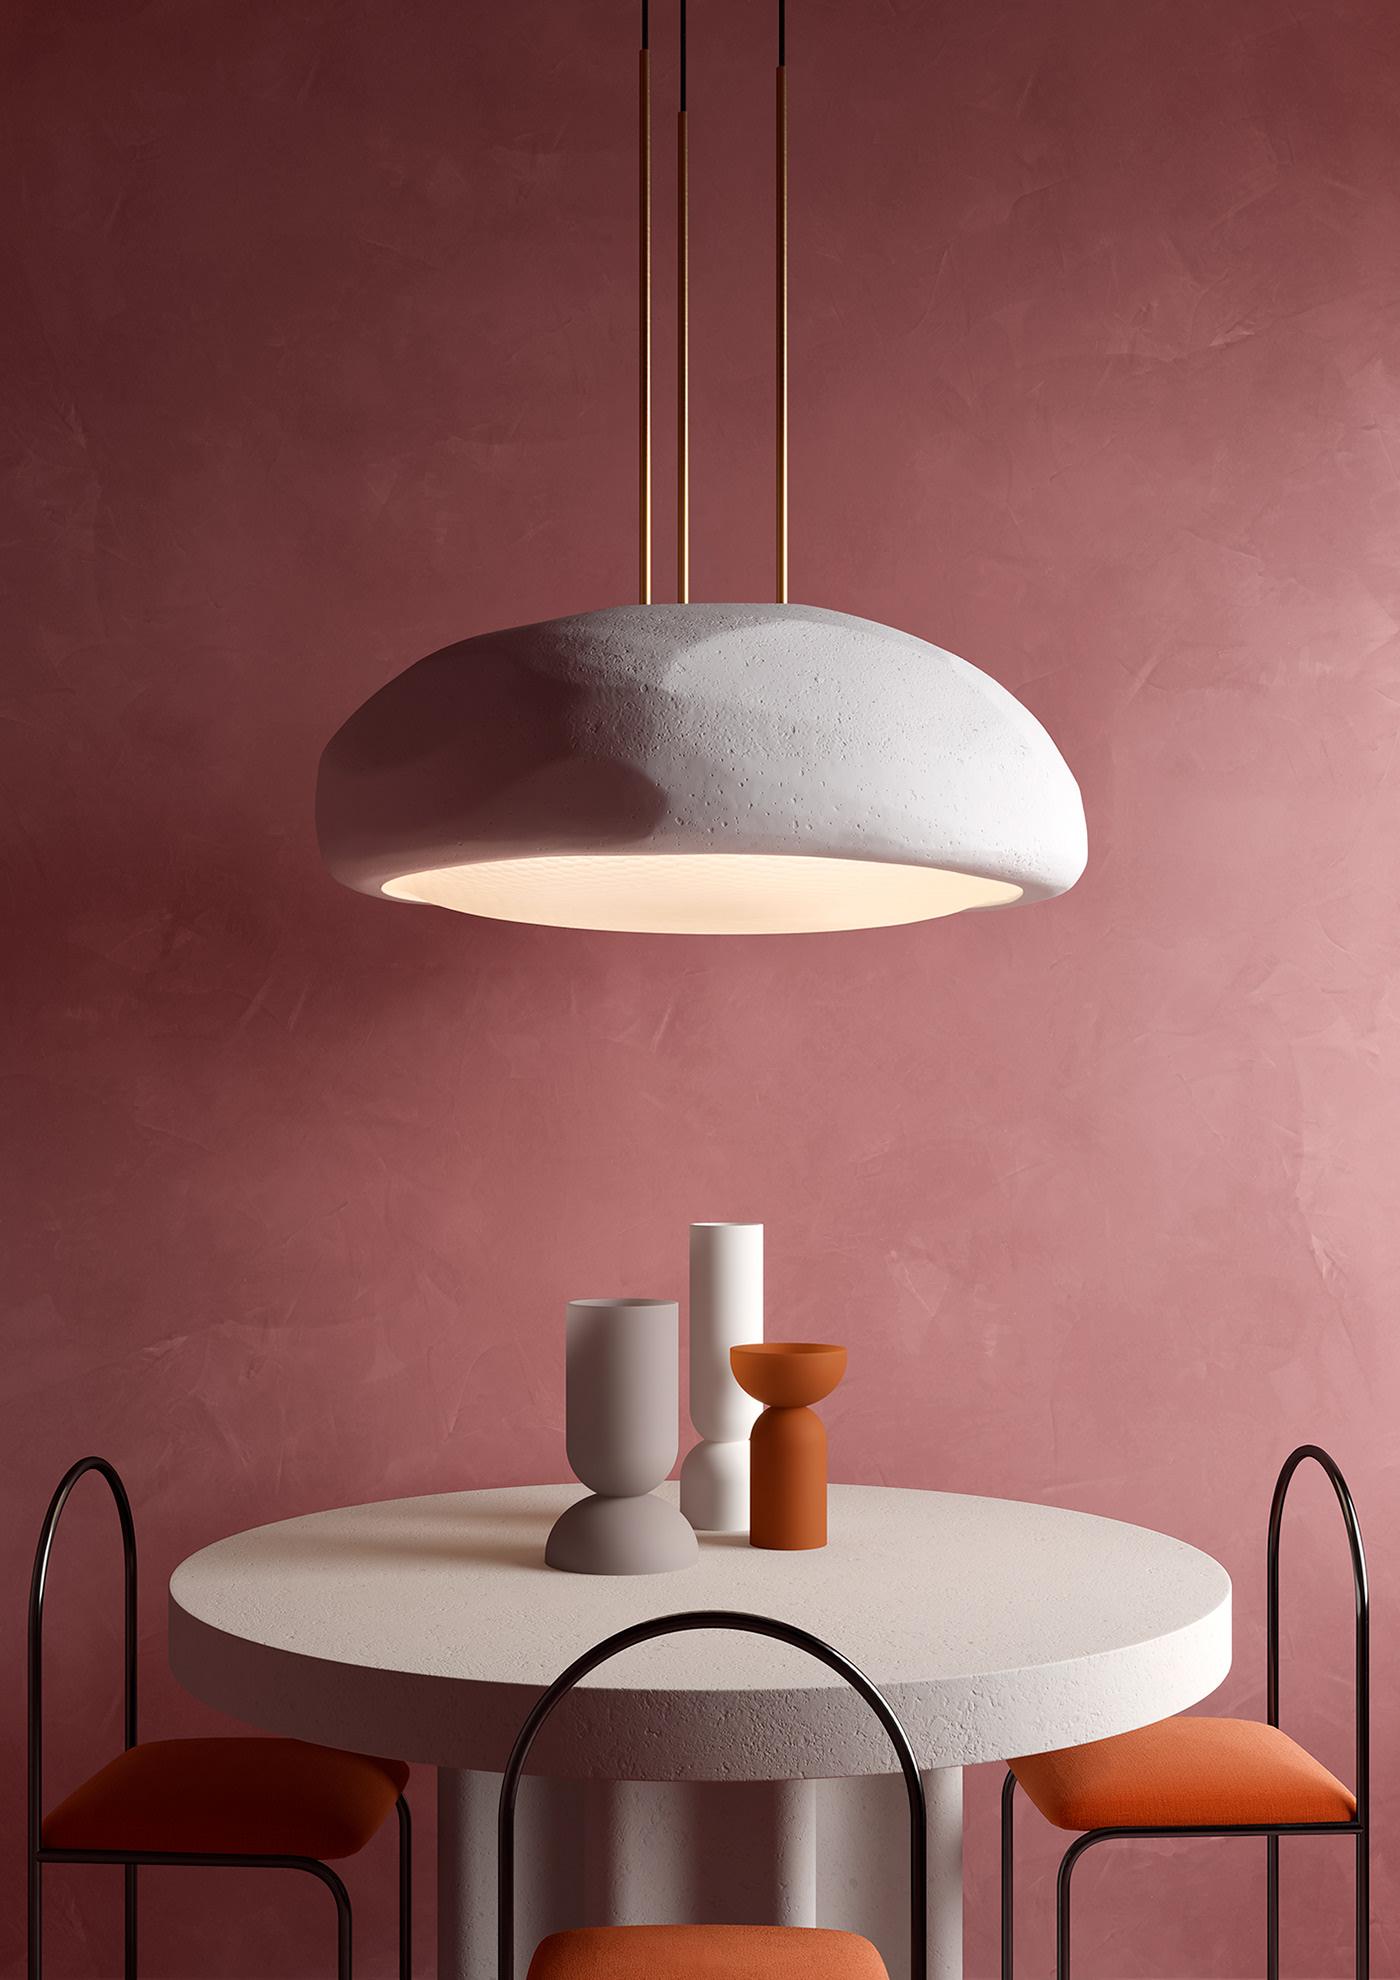 Le tube courbé en arceaux fins forme des dossiers de chaises et se retrouve aussi pour suspendre un luminaire en coque